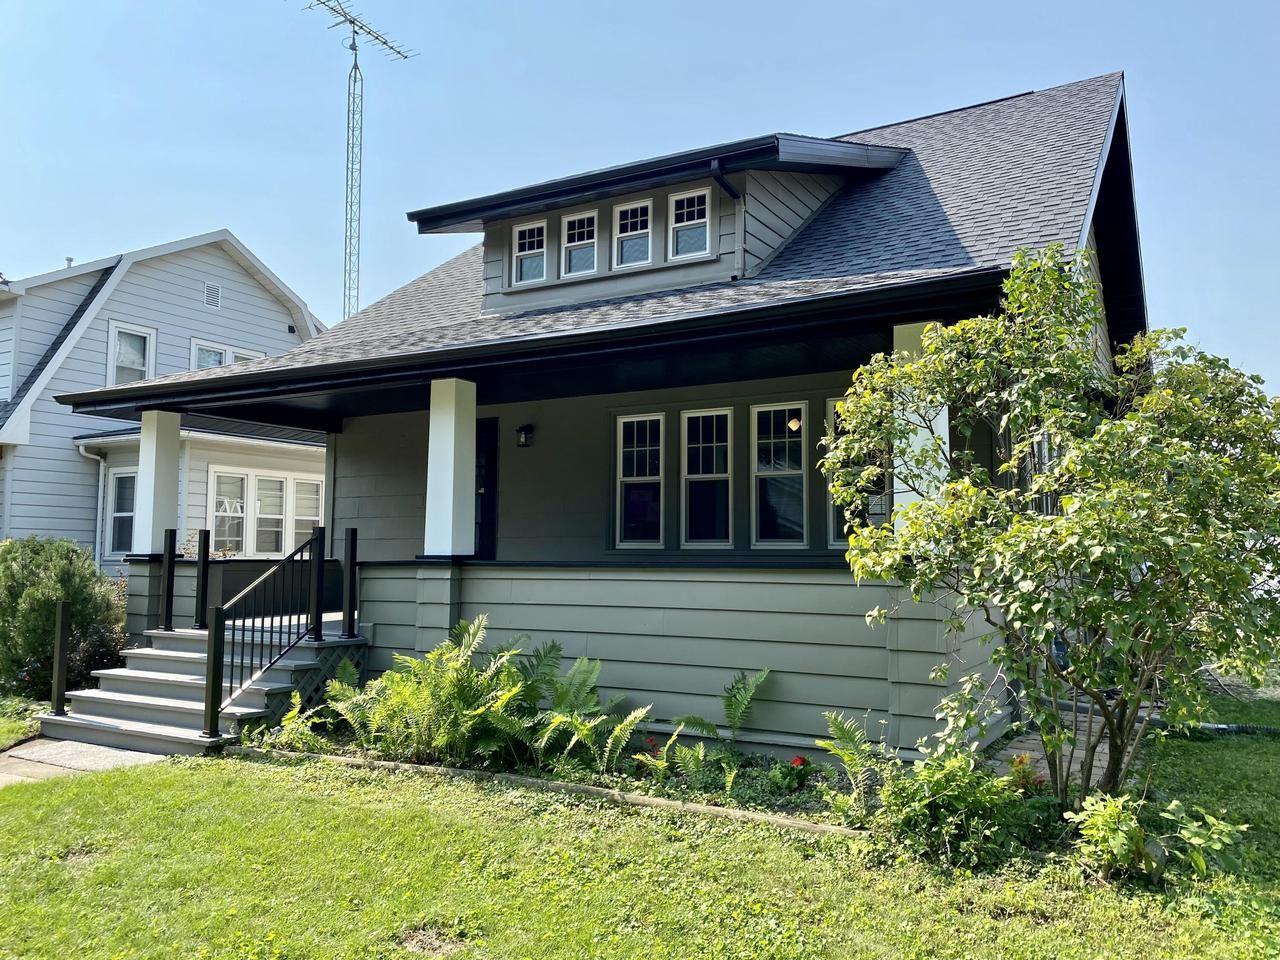 12 Woodland Ave, Fond du Lac, WI 54935 - MLS#: 1752176